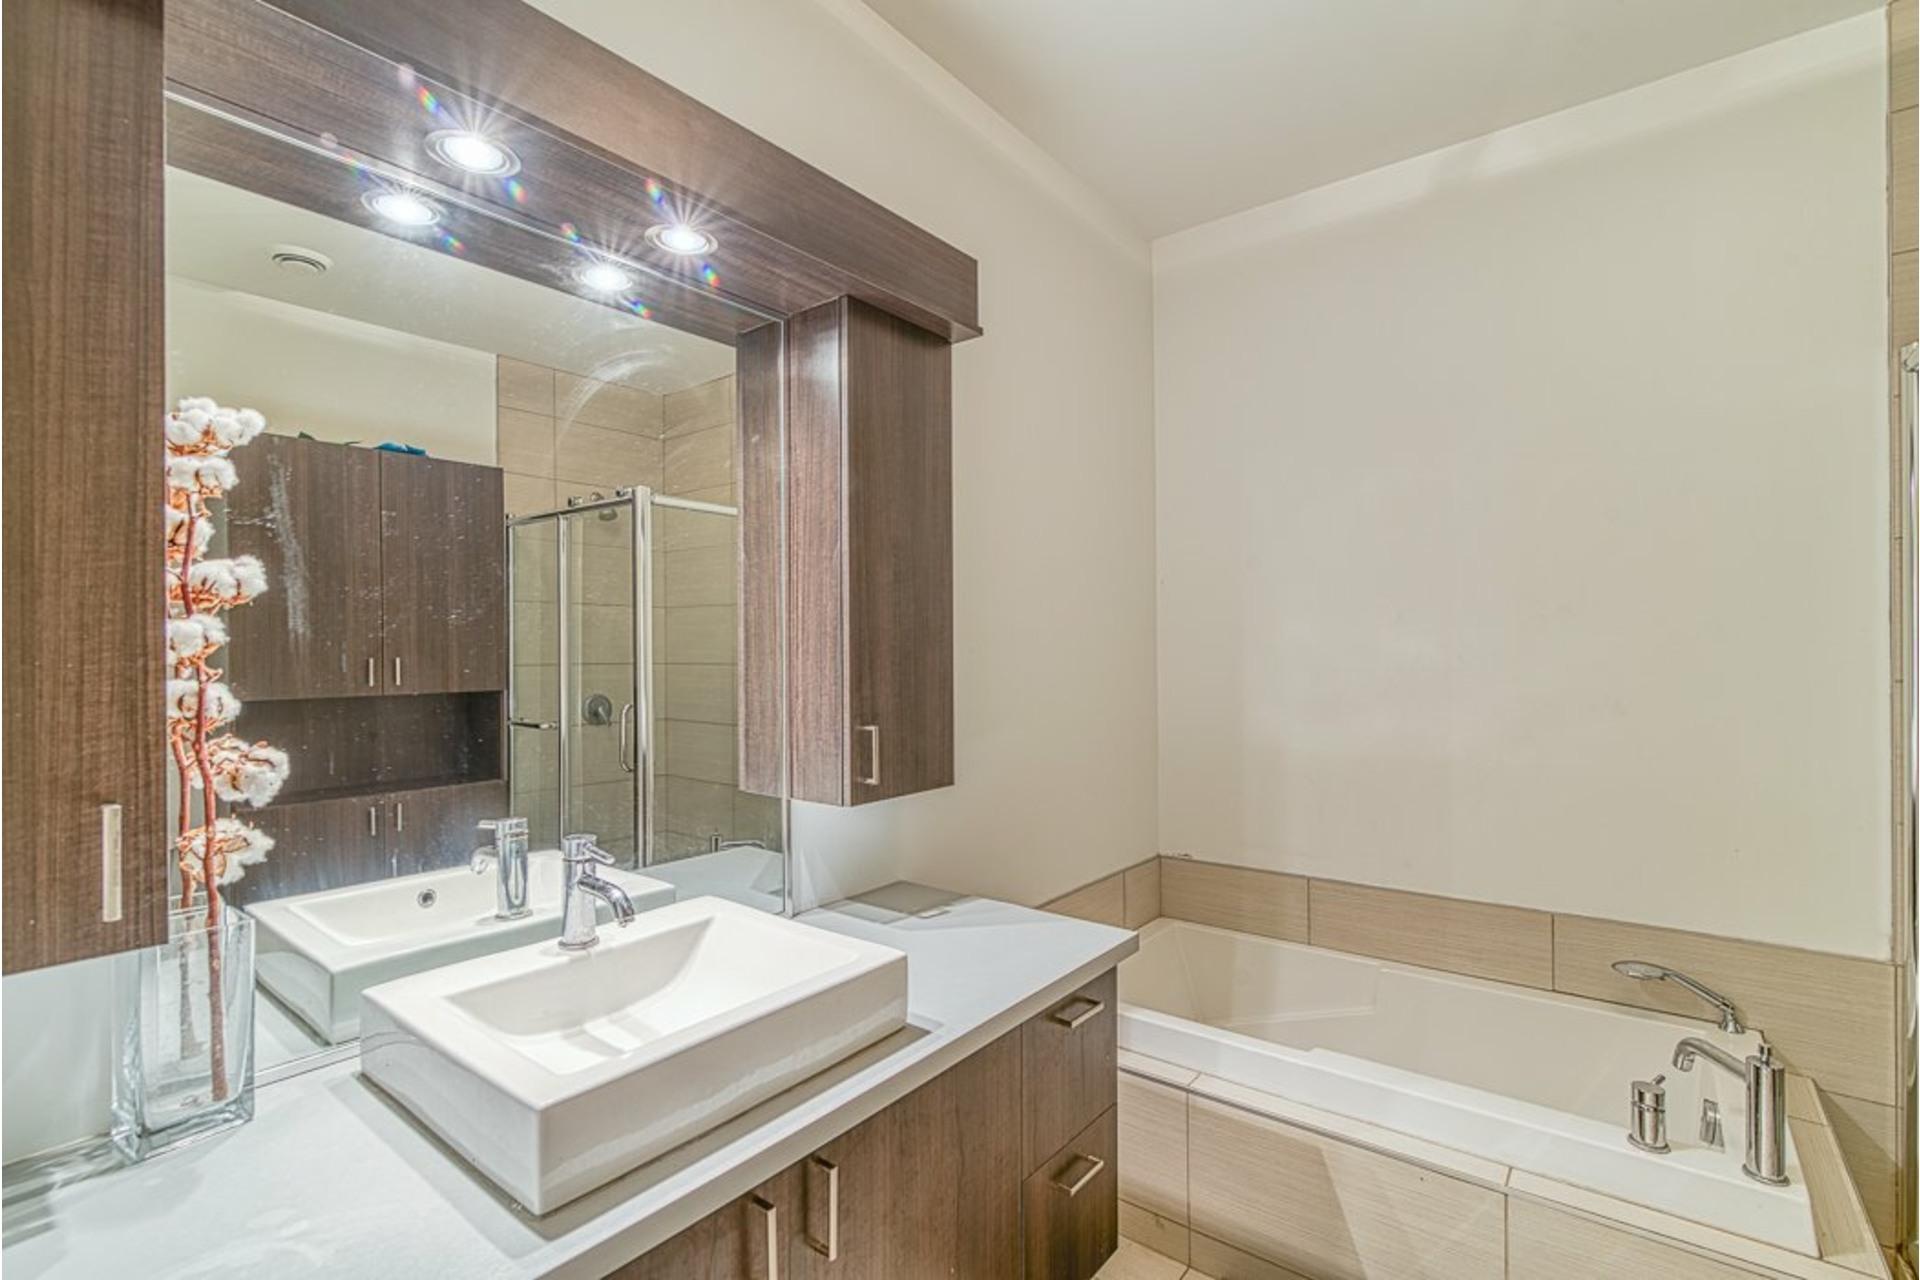 image 21 - Appartement À vendre Villeray/Saint-Michel/Parc-Extension Montréal  - 6 pièces